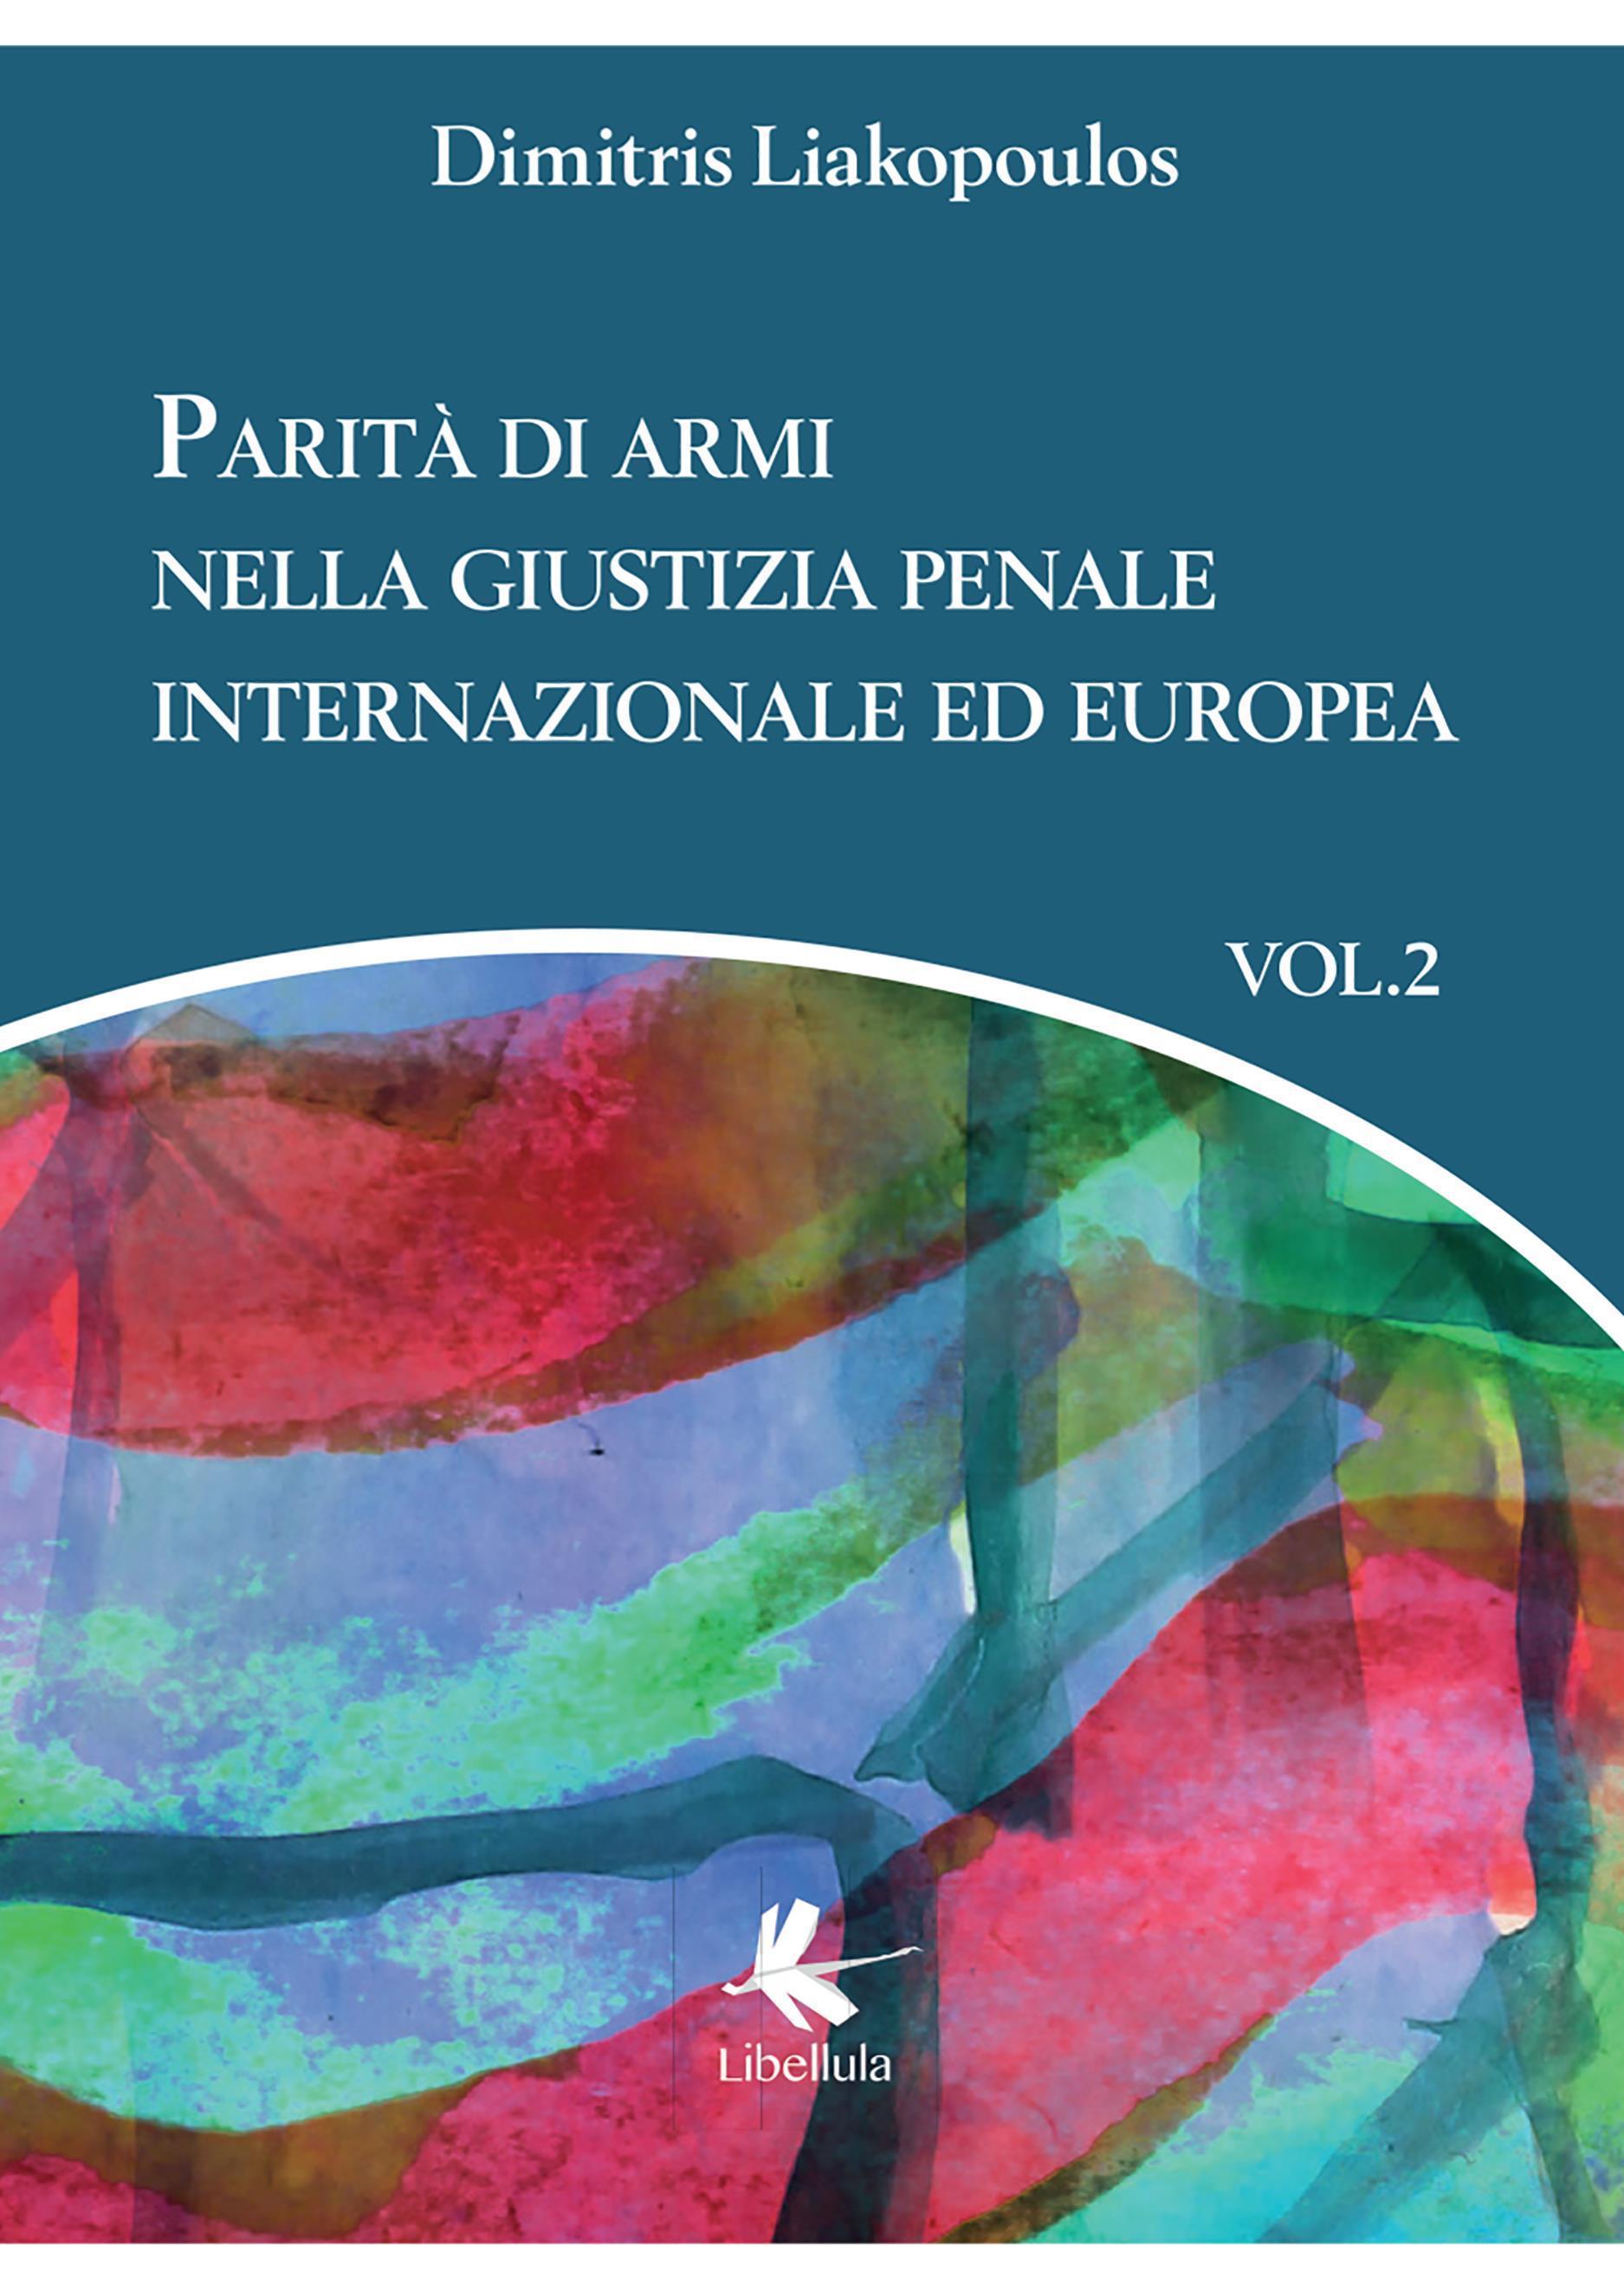 Parità di armi nella giustizia penale internazionale ed europea. Volume 2